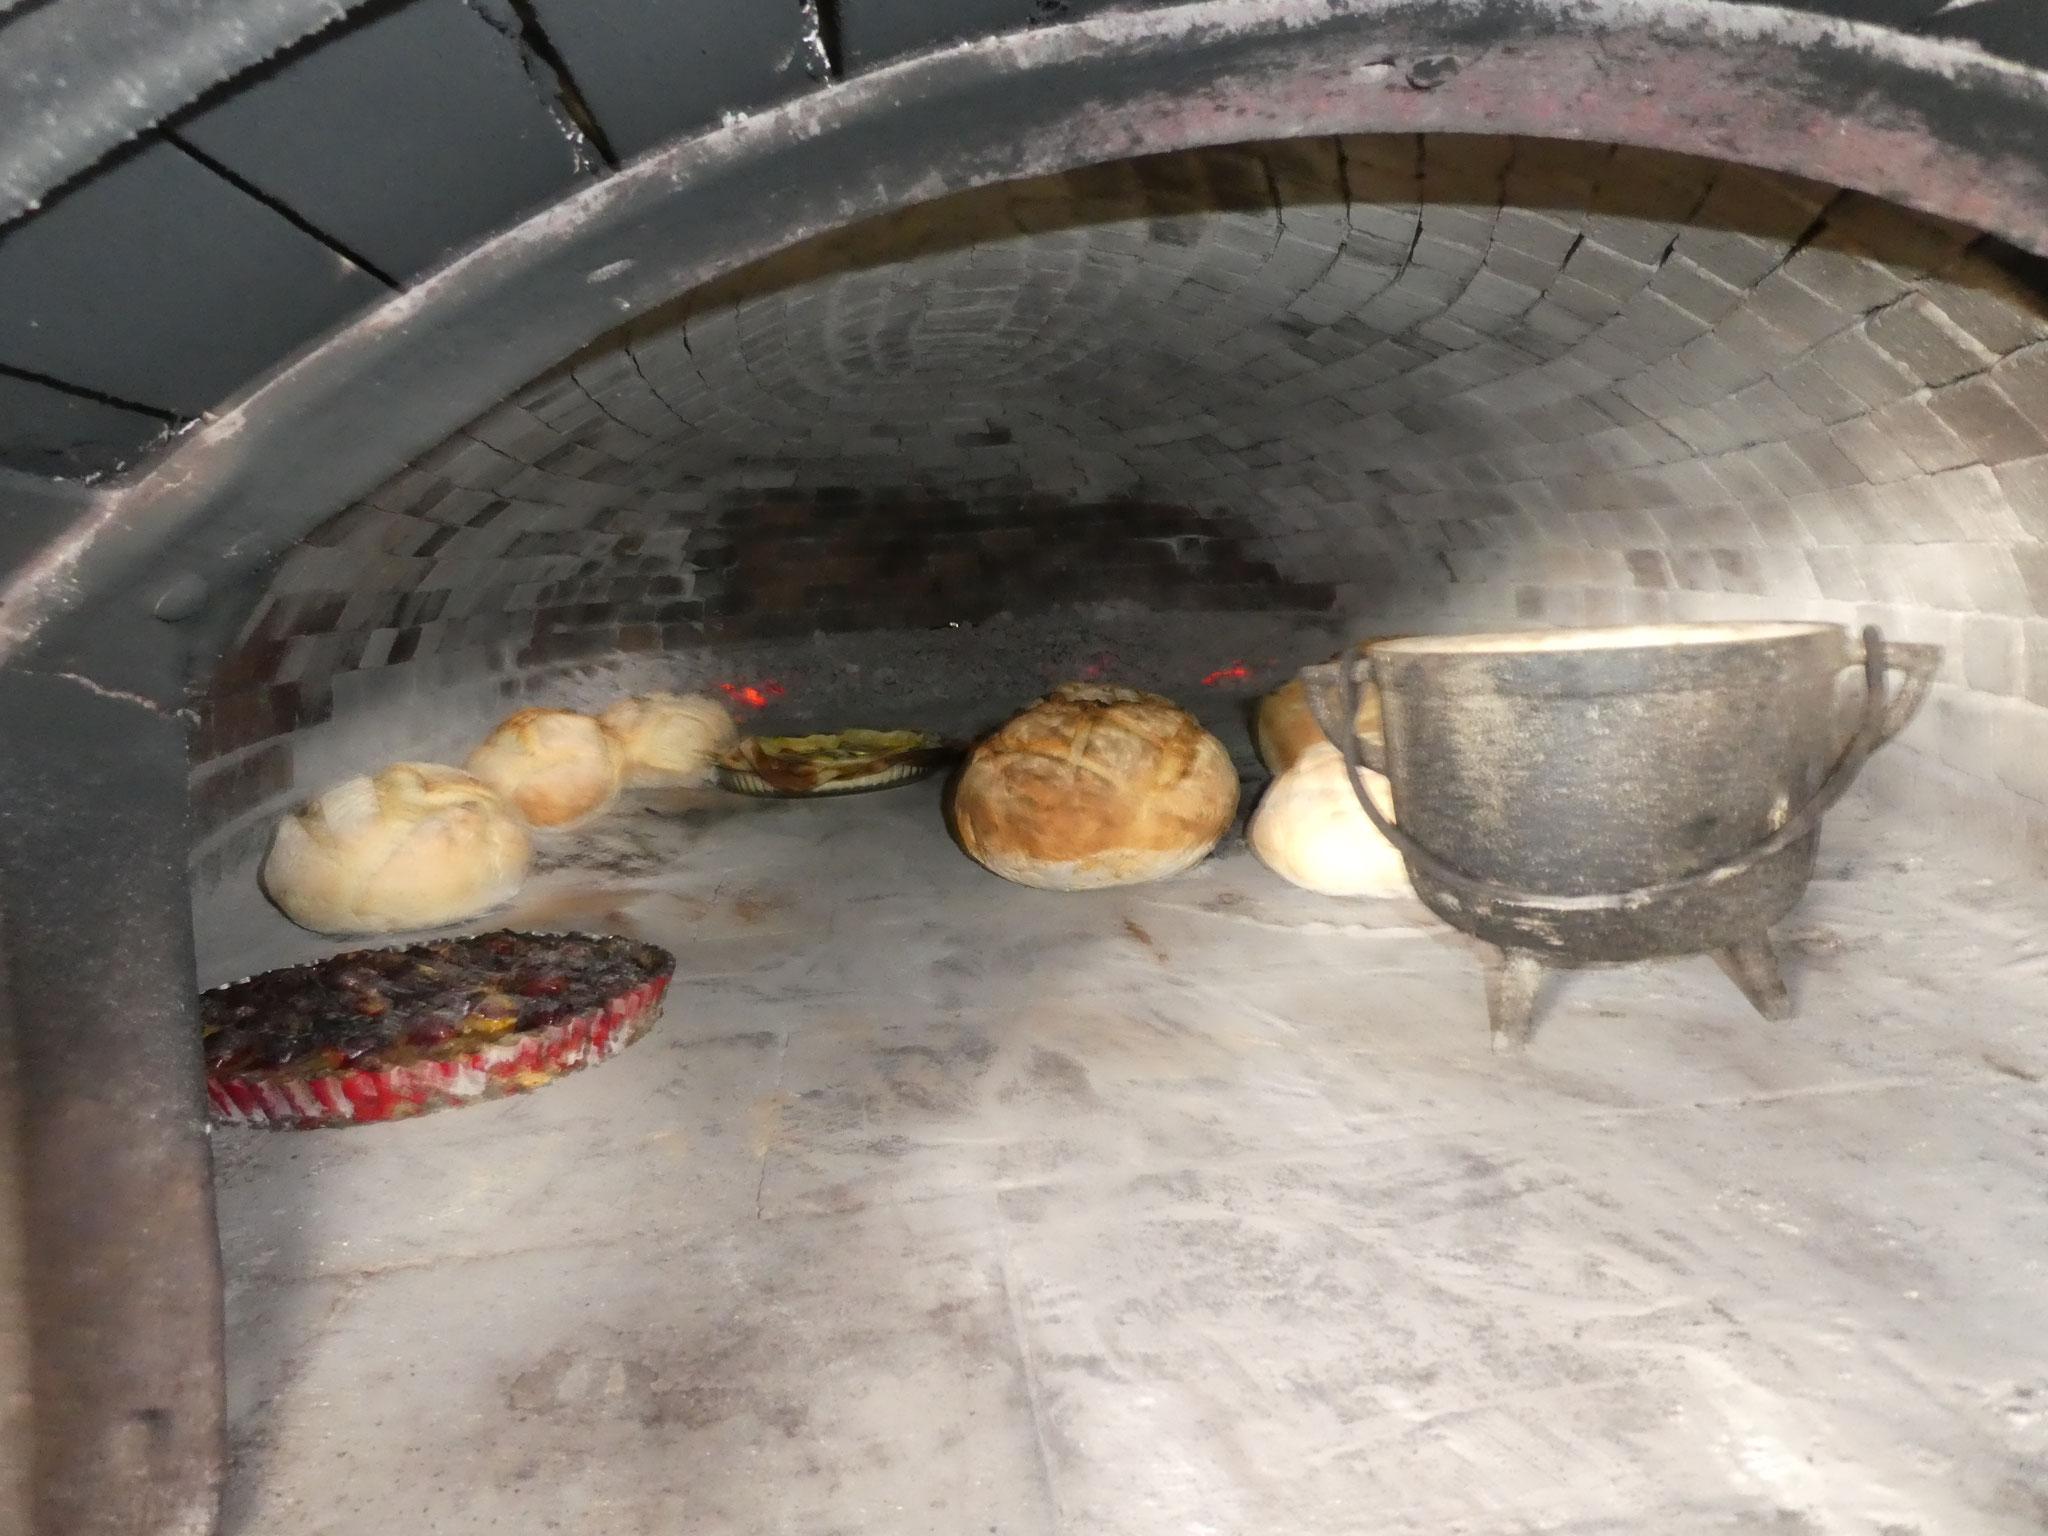 Le pain et les gâteaux personnels dans le four